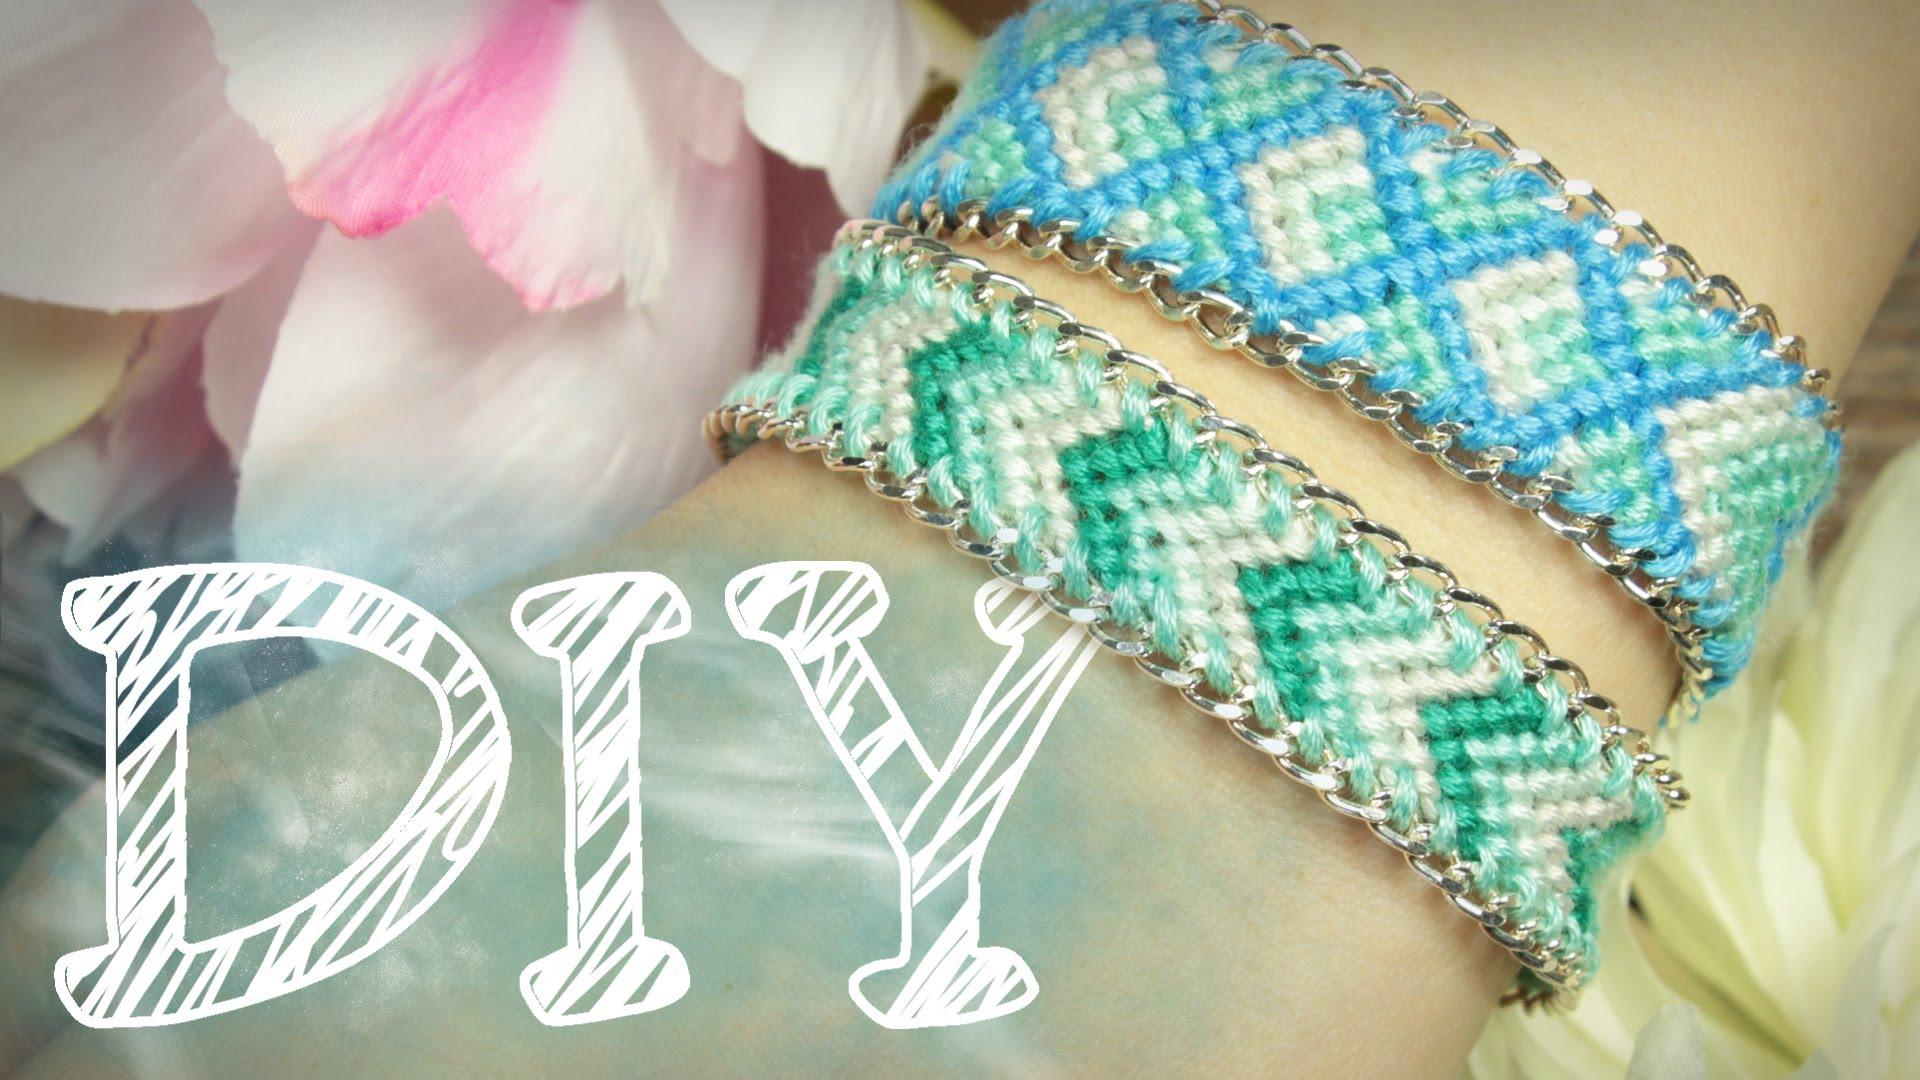 DIY Knüpfarmband in Pfeiloptik mit Kette - Freundschaftsarmband - Kettenarmband - YouTube